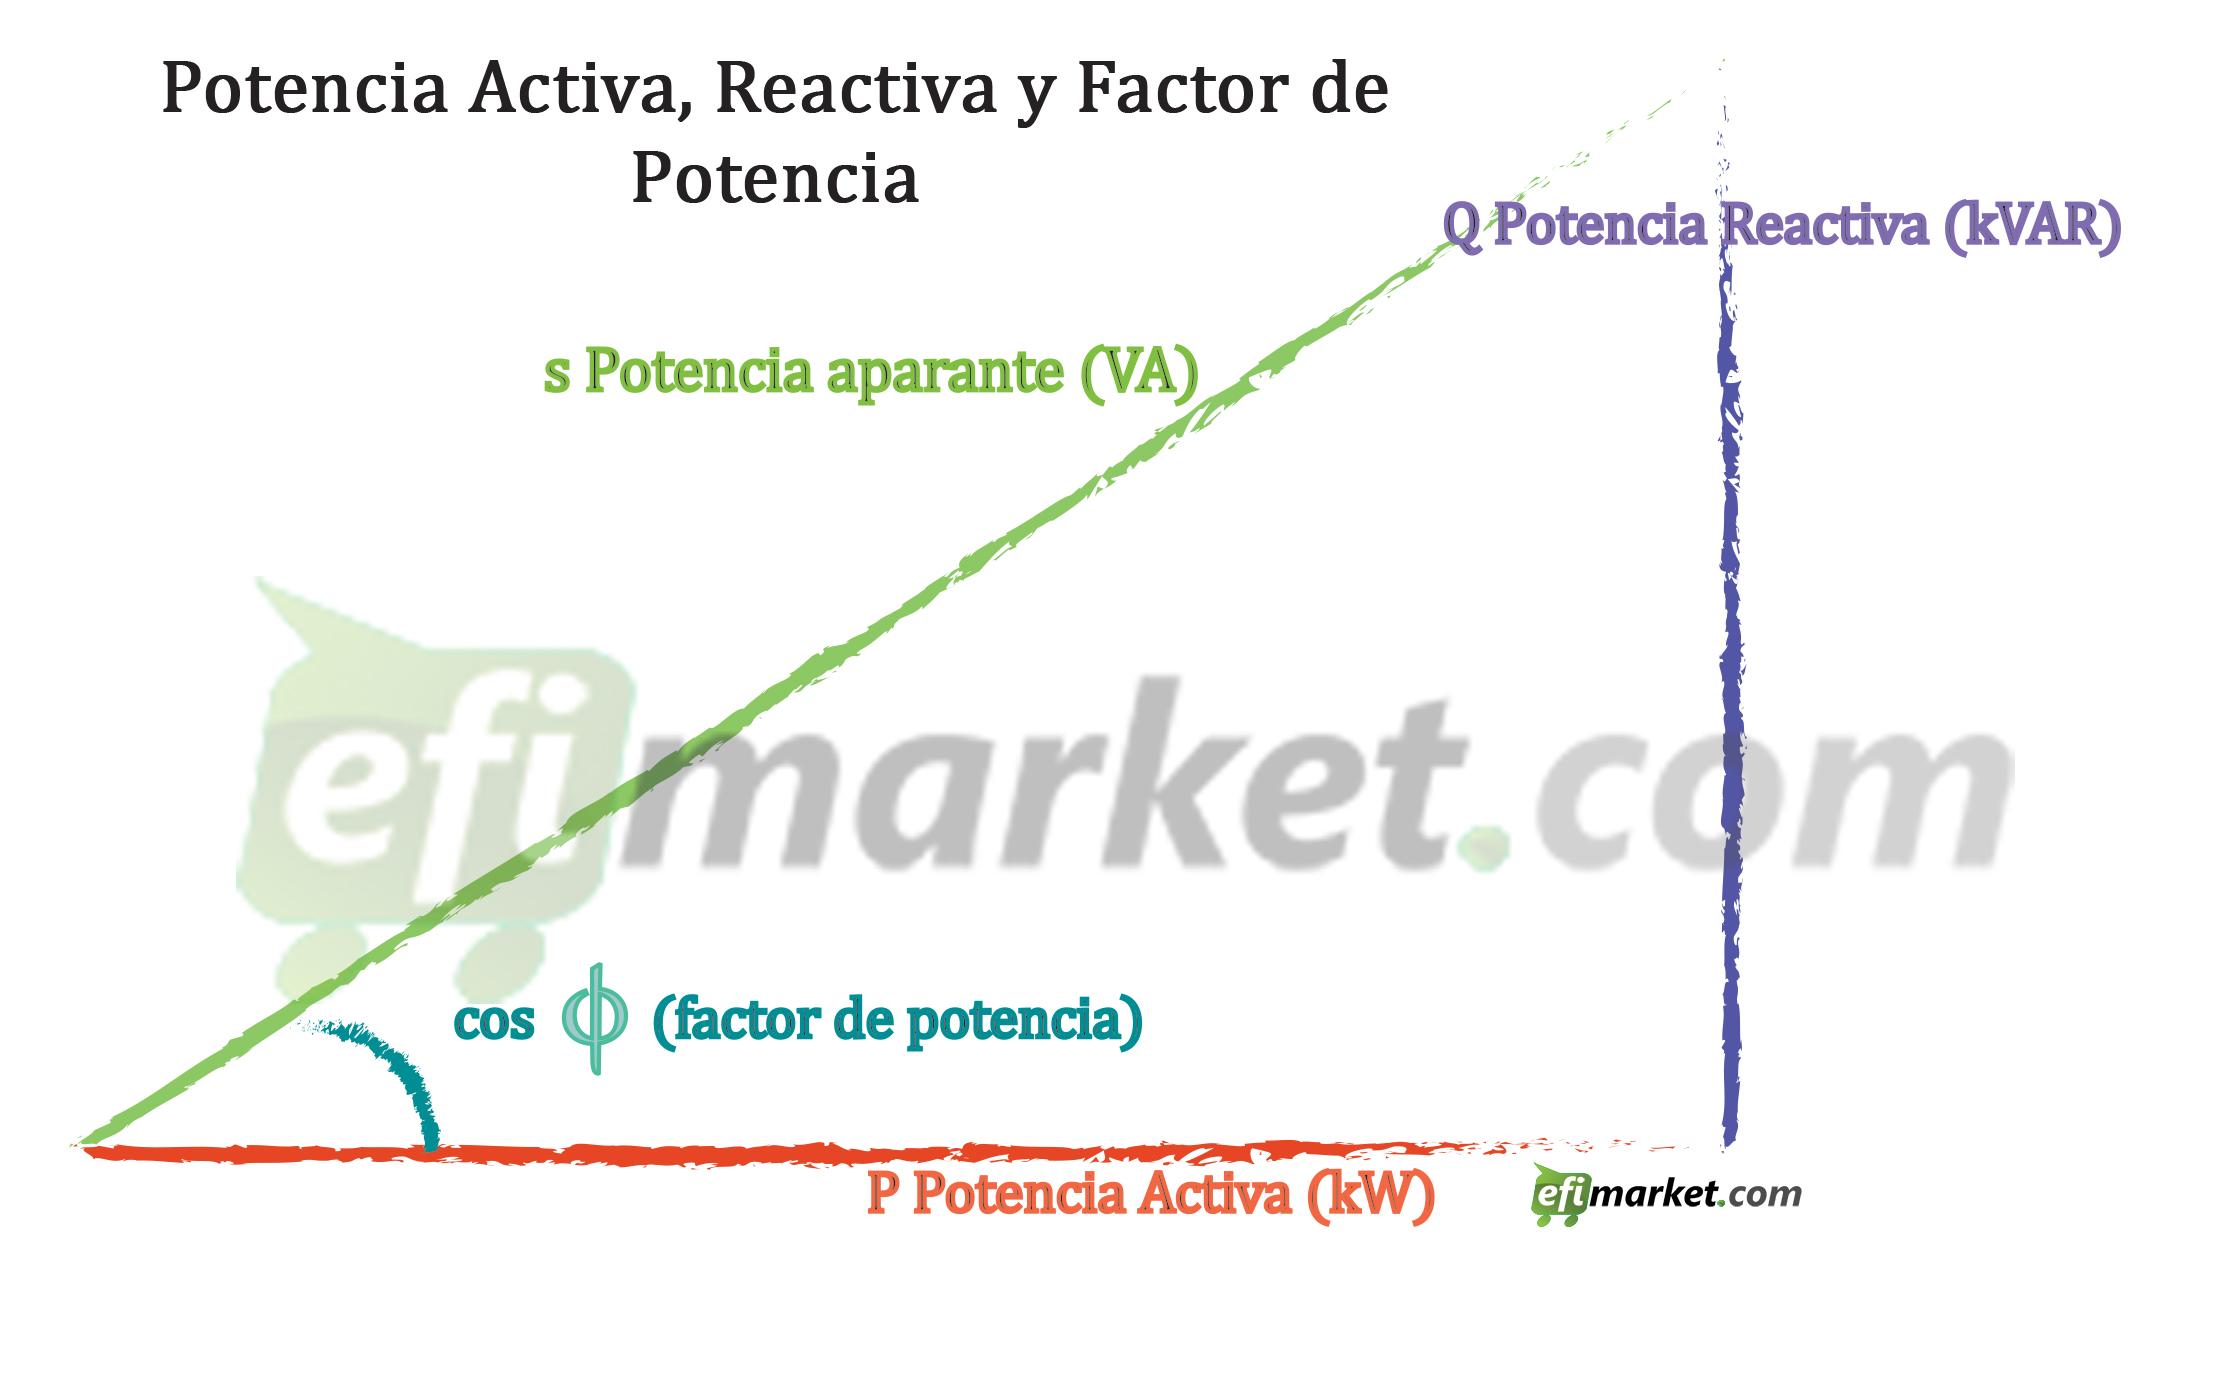 Energía Reactiva, Energía Reactiva y Factor de Potencia